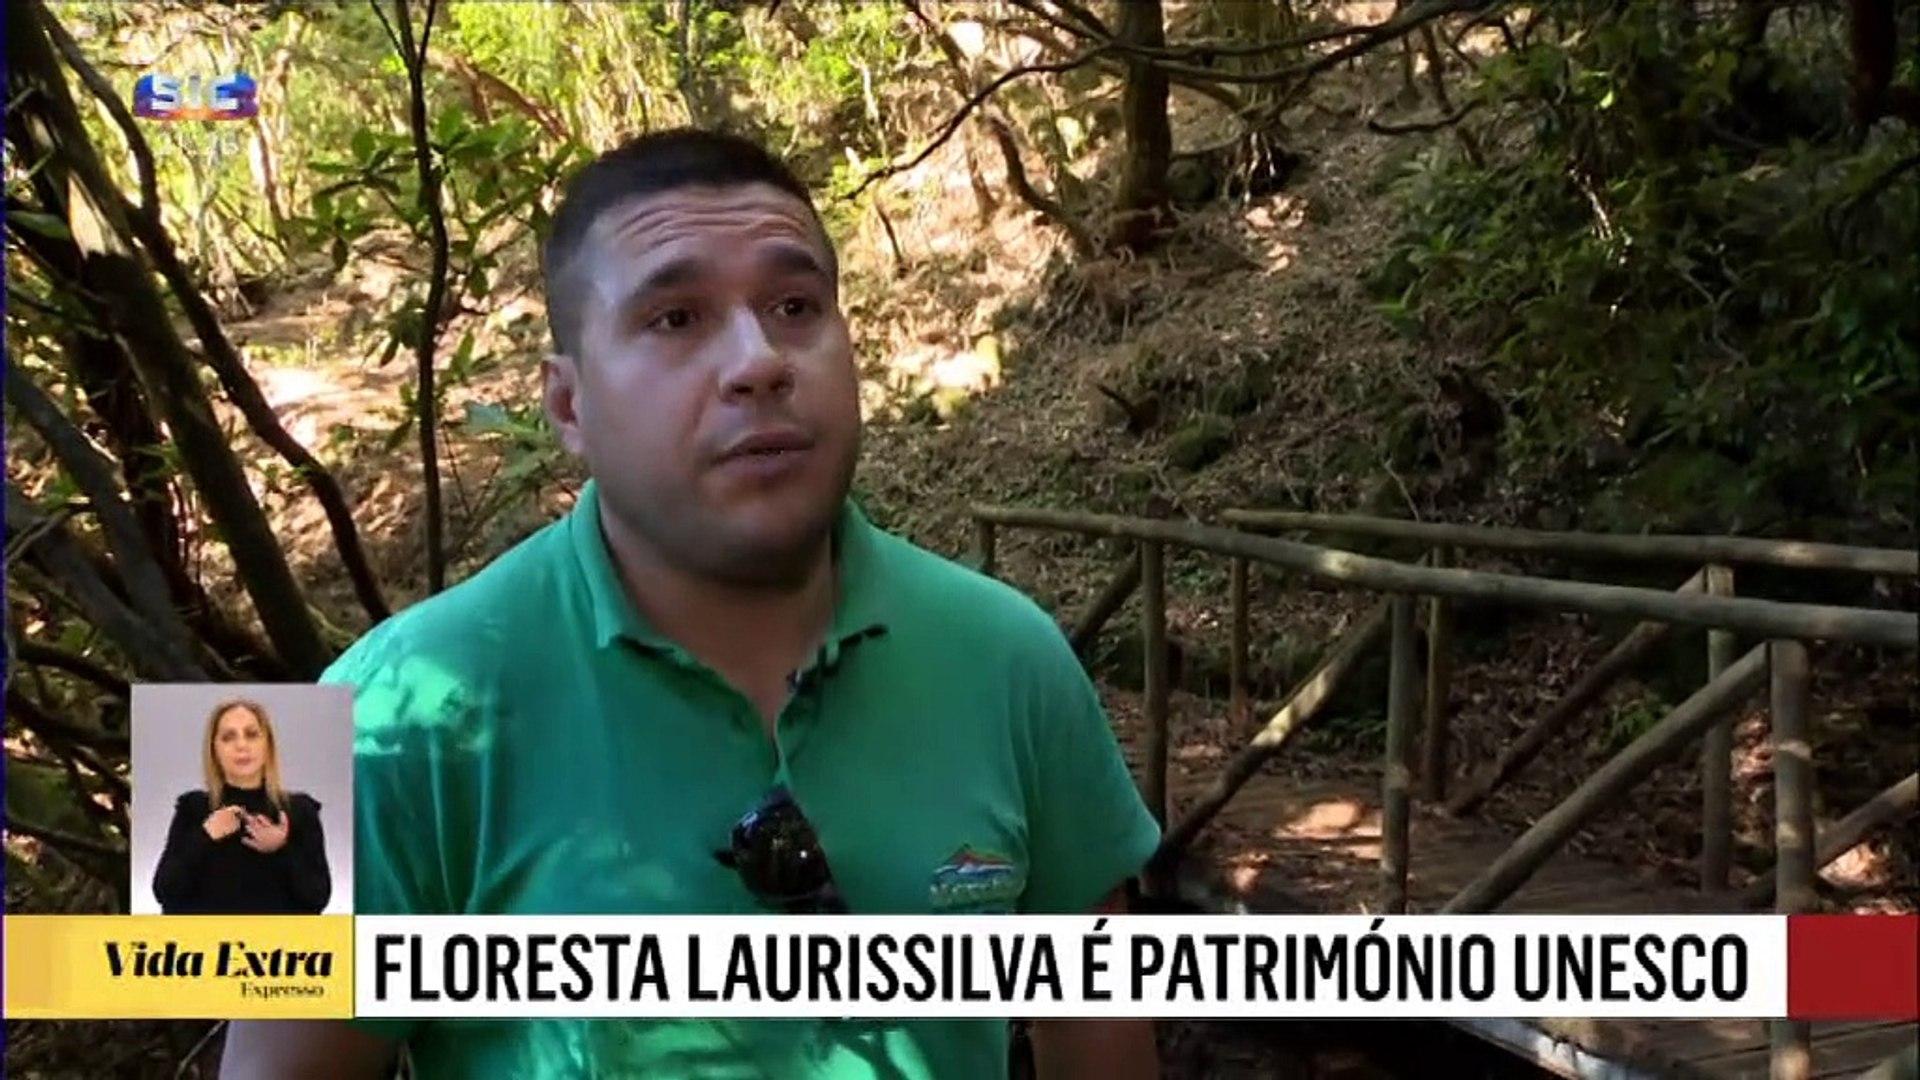 Conheça a floresta Laurissilva é um dos maiores atrativos turísticos da ilha da Madeira.